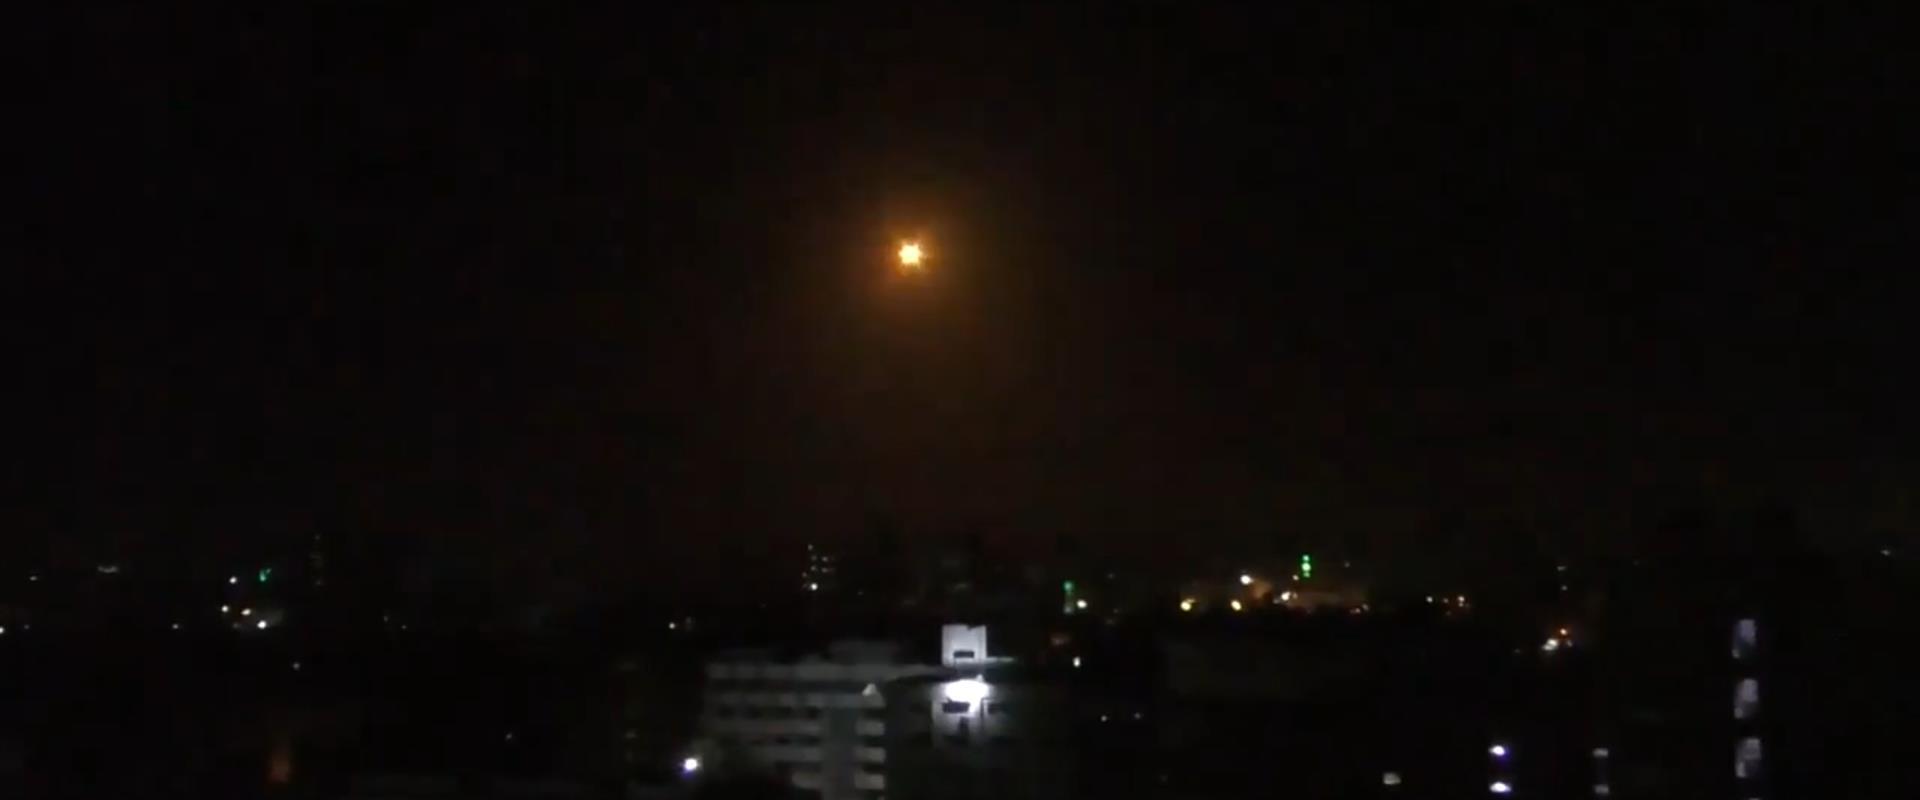 תיעוד התקיפה לפי הסוכנות הסורית